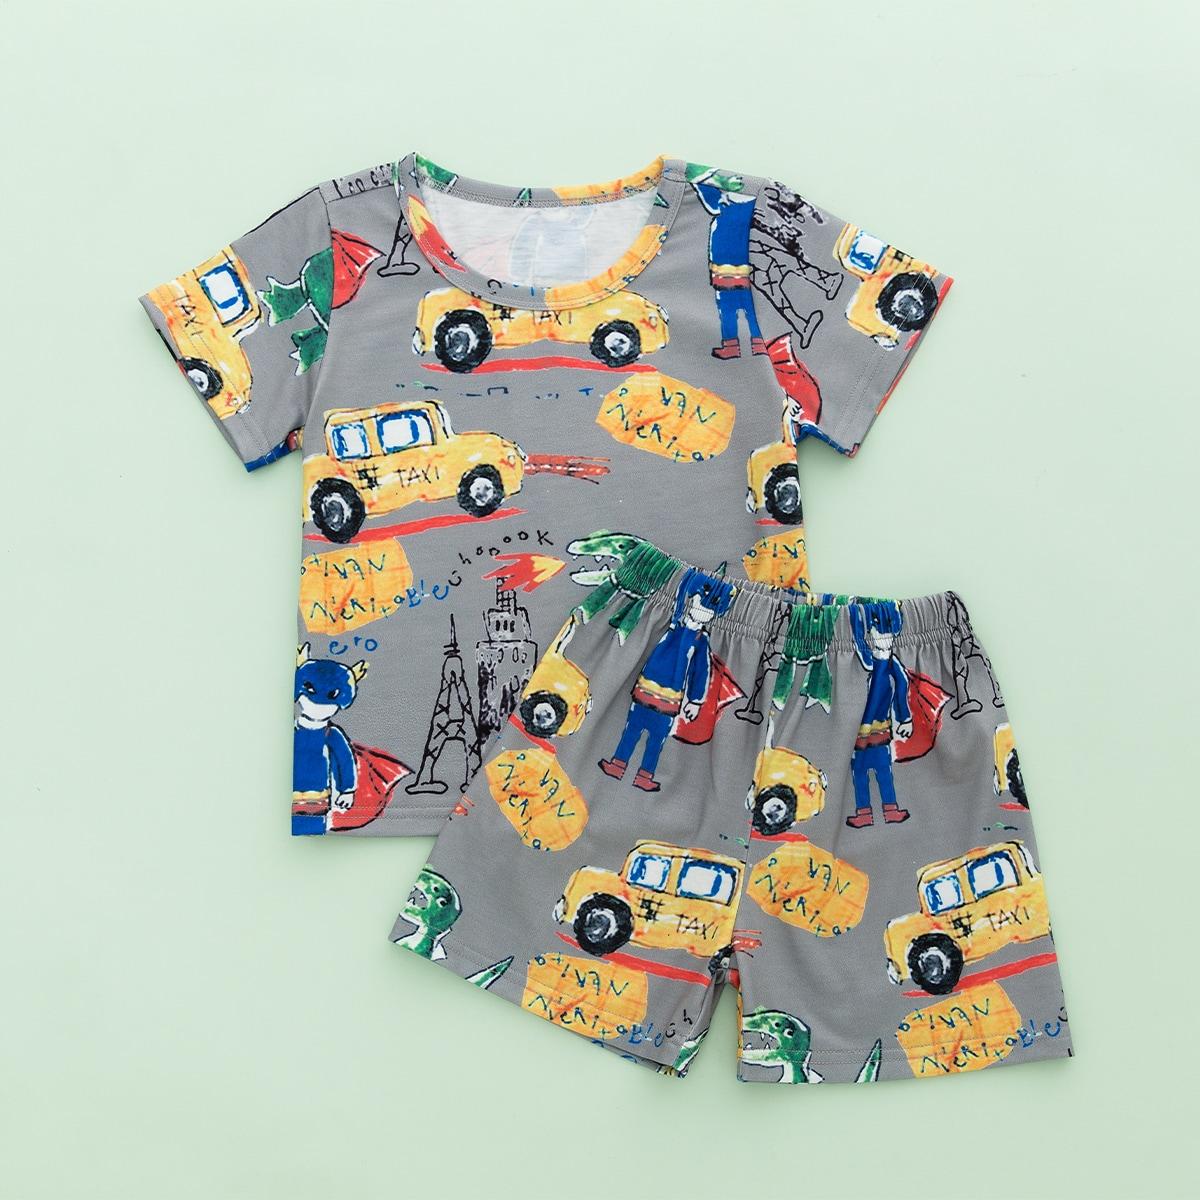 многоцветный Мультяшный принт Повседневный Домашняя одежда для мальчиков от SHEIN